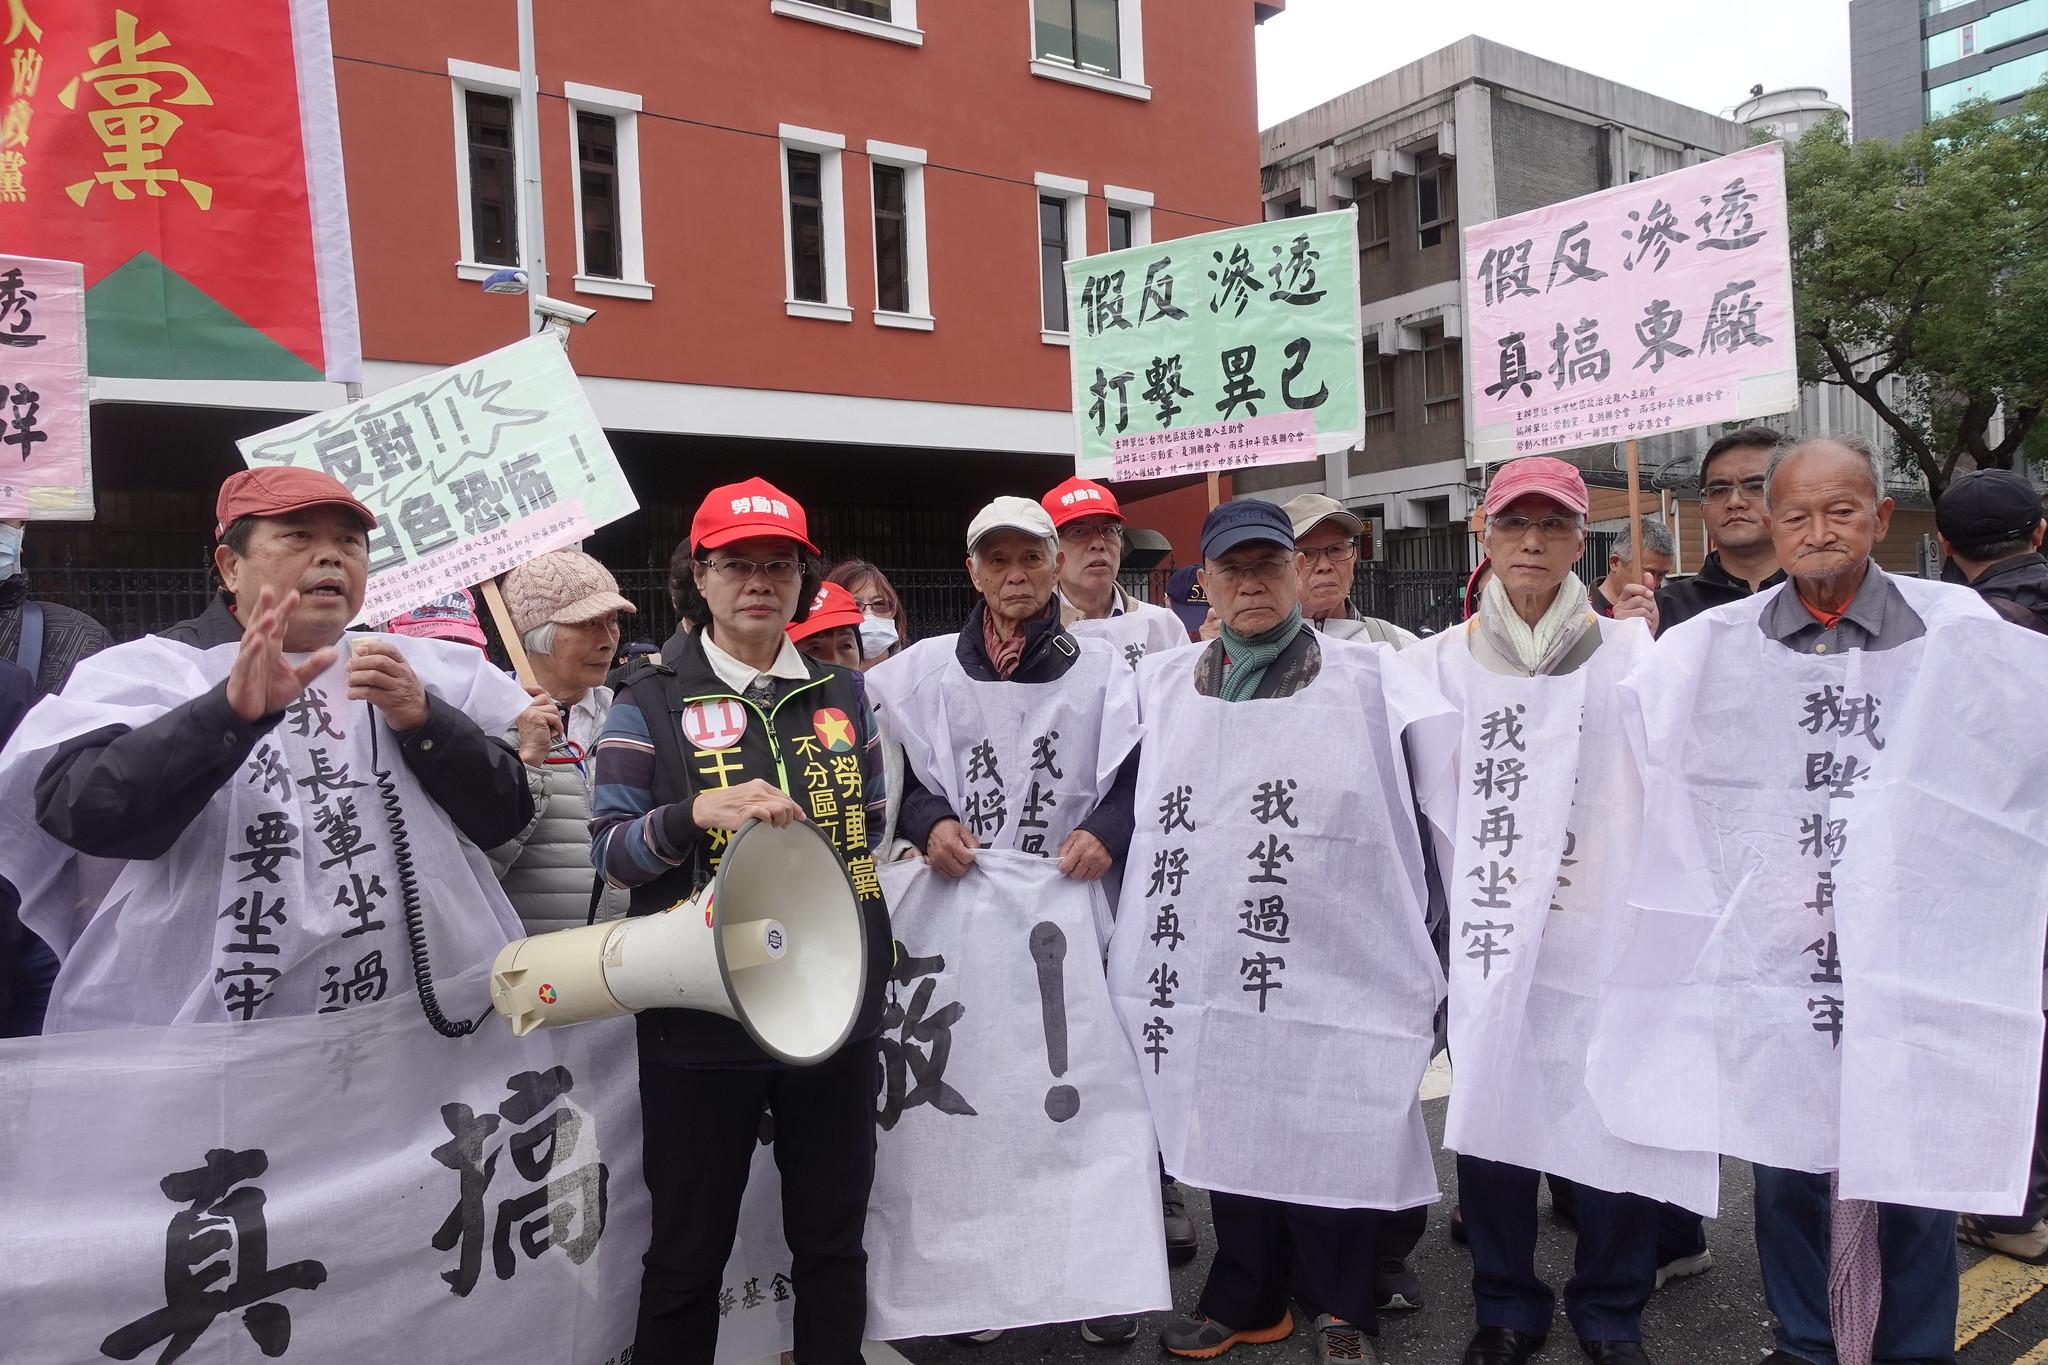 白色恐怖受難者團體和勞動黨一同抗議民進黨強過反滲透法。(攝影:張智琦)